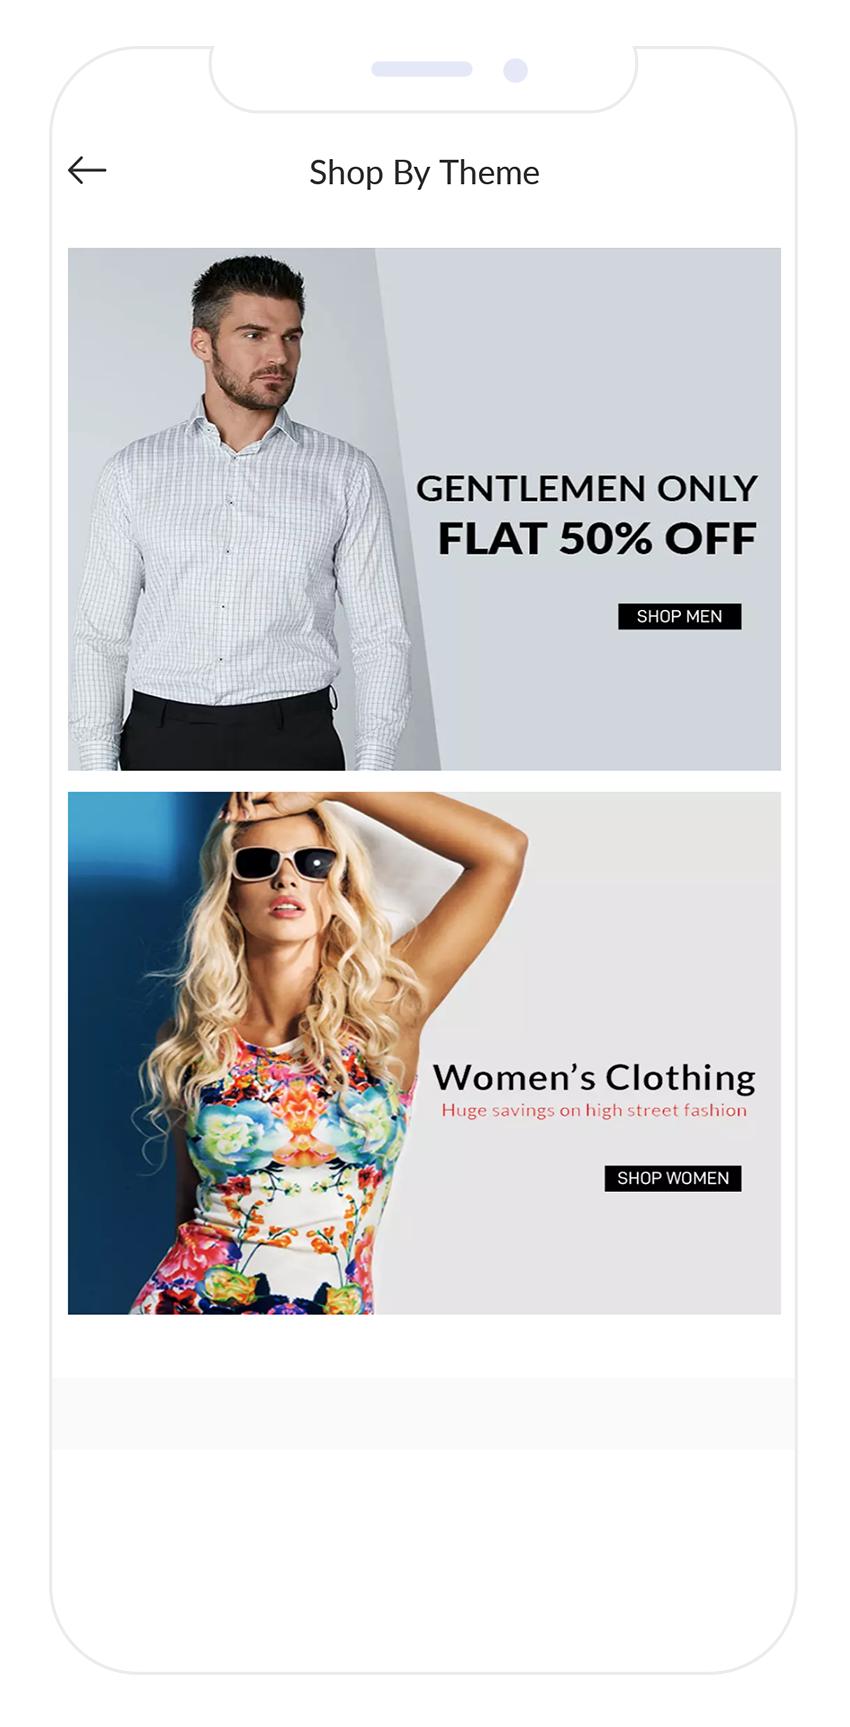 E-commerce Shop by Theme